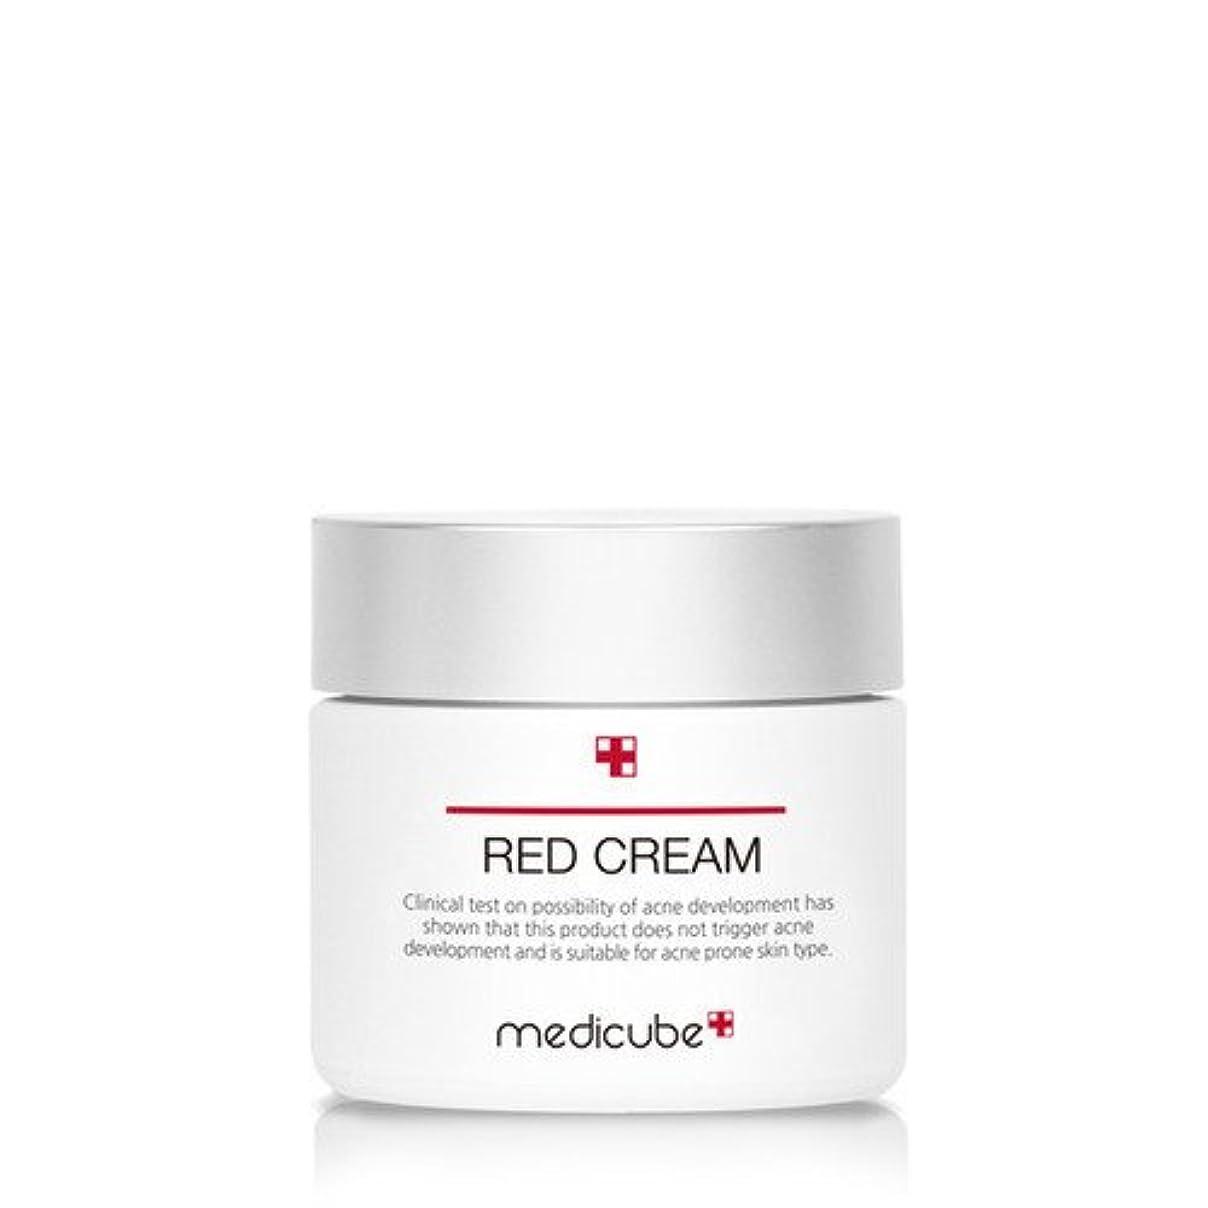 めまいが達成確率[Medicube]メディキューブ レッドクリーム 50ml / Medicube Red Cream 50ml / 正品?海外直送商品 [並行輸入品]